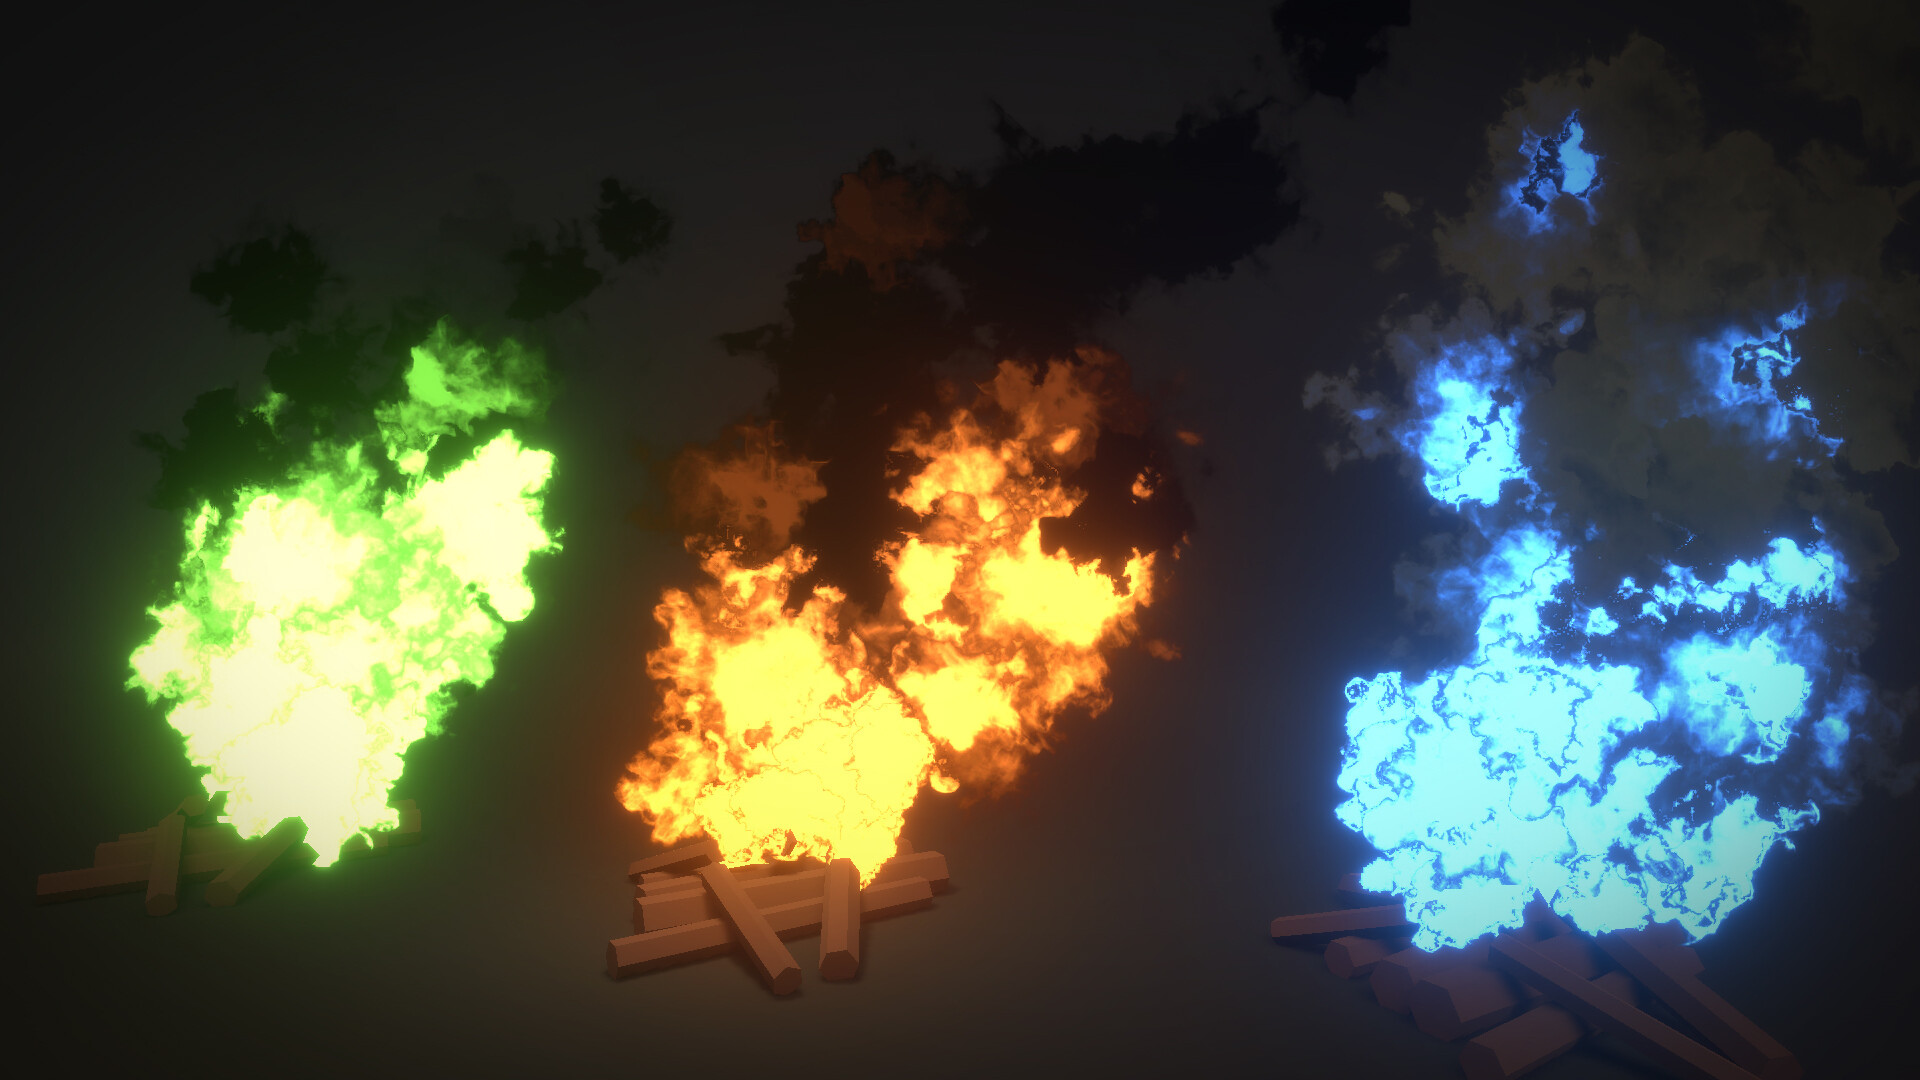 ArtStation - Unity Shader Graph - Fire Shader, Gabriel Aguiar